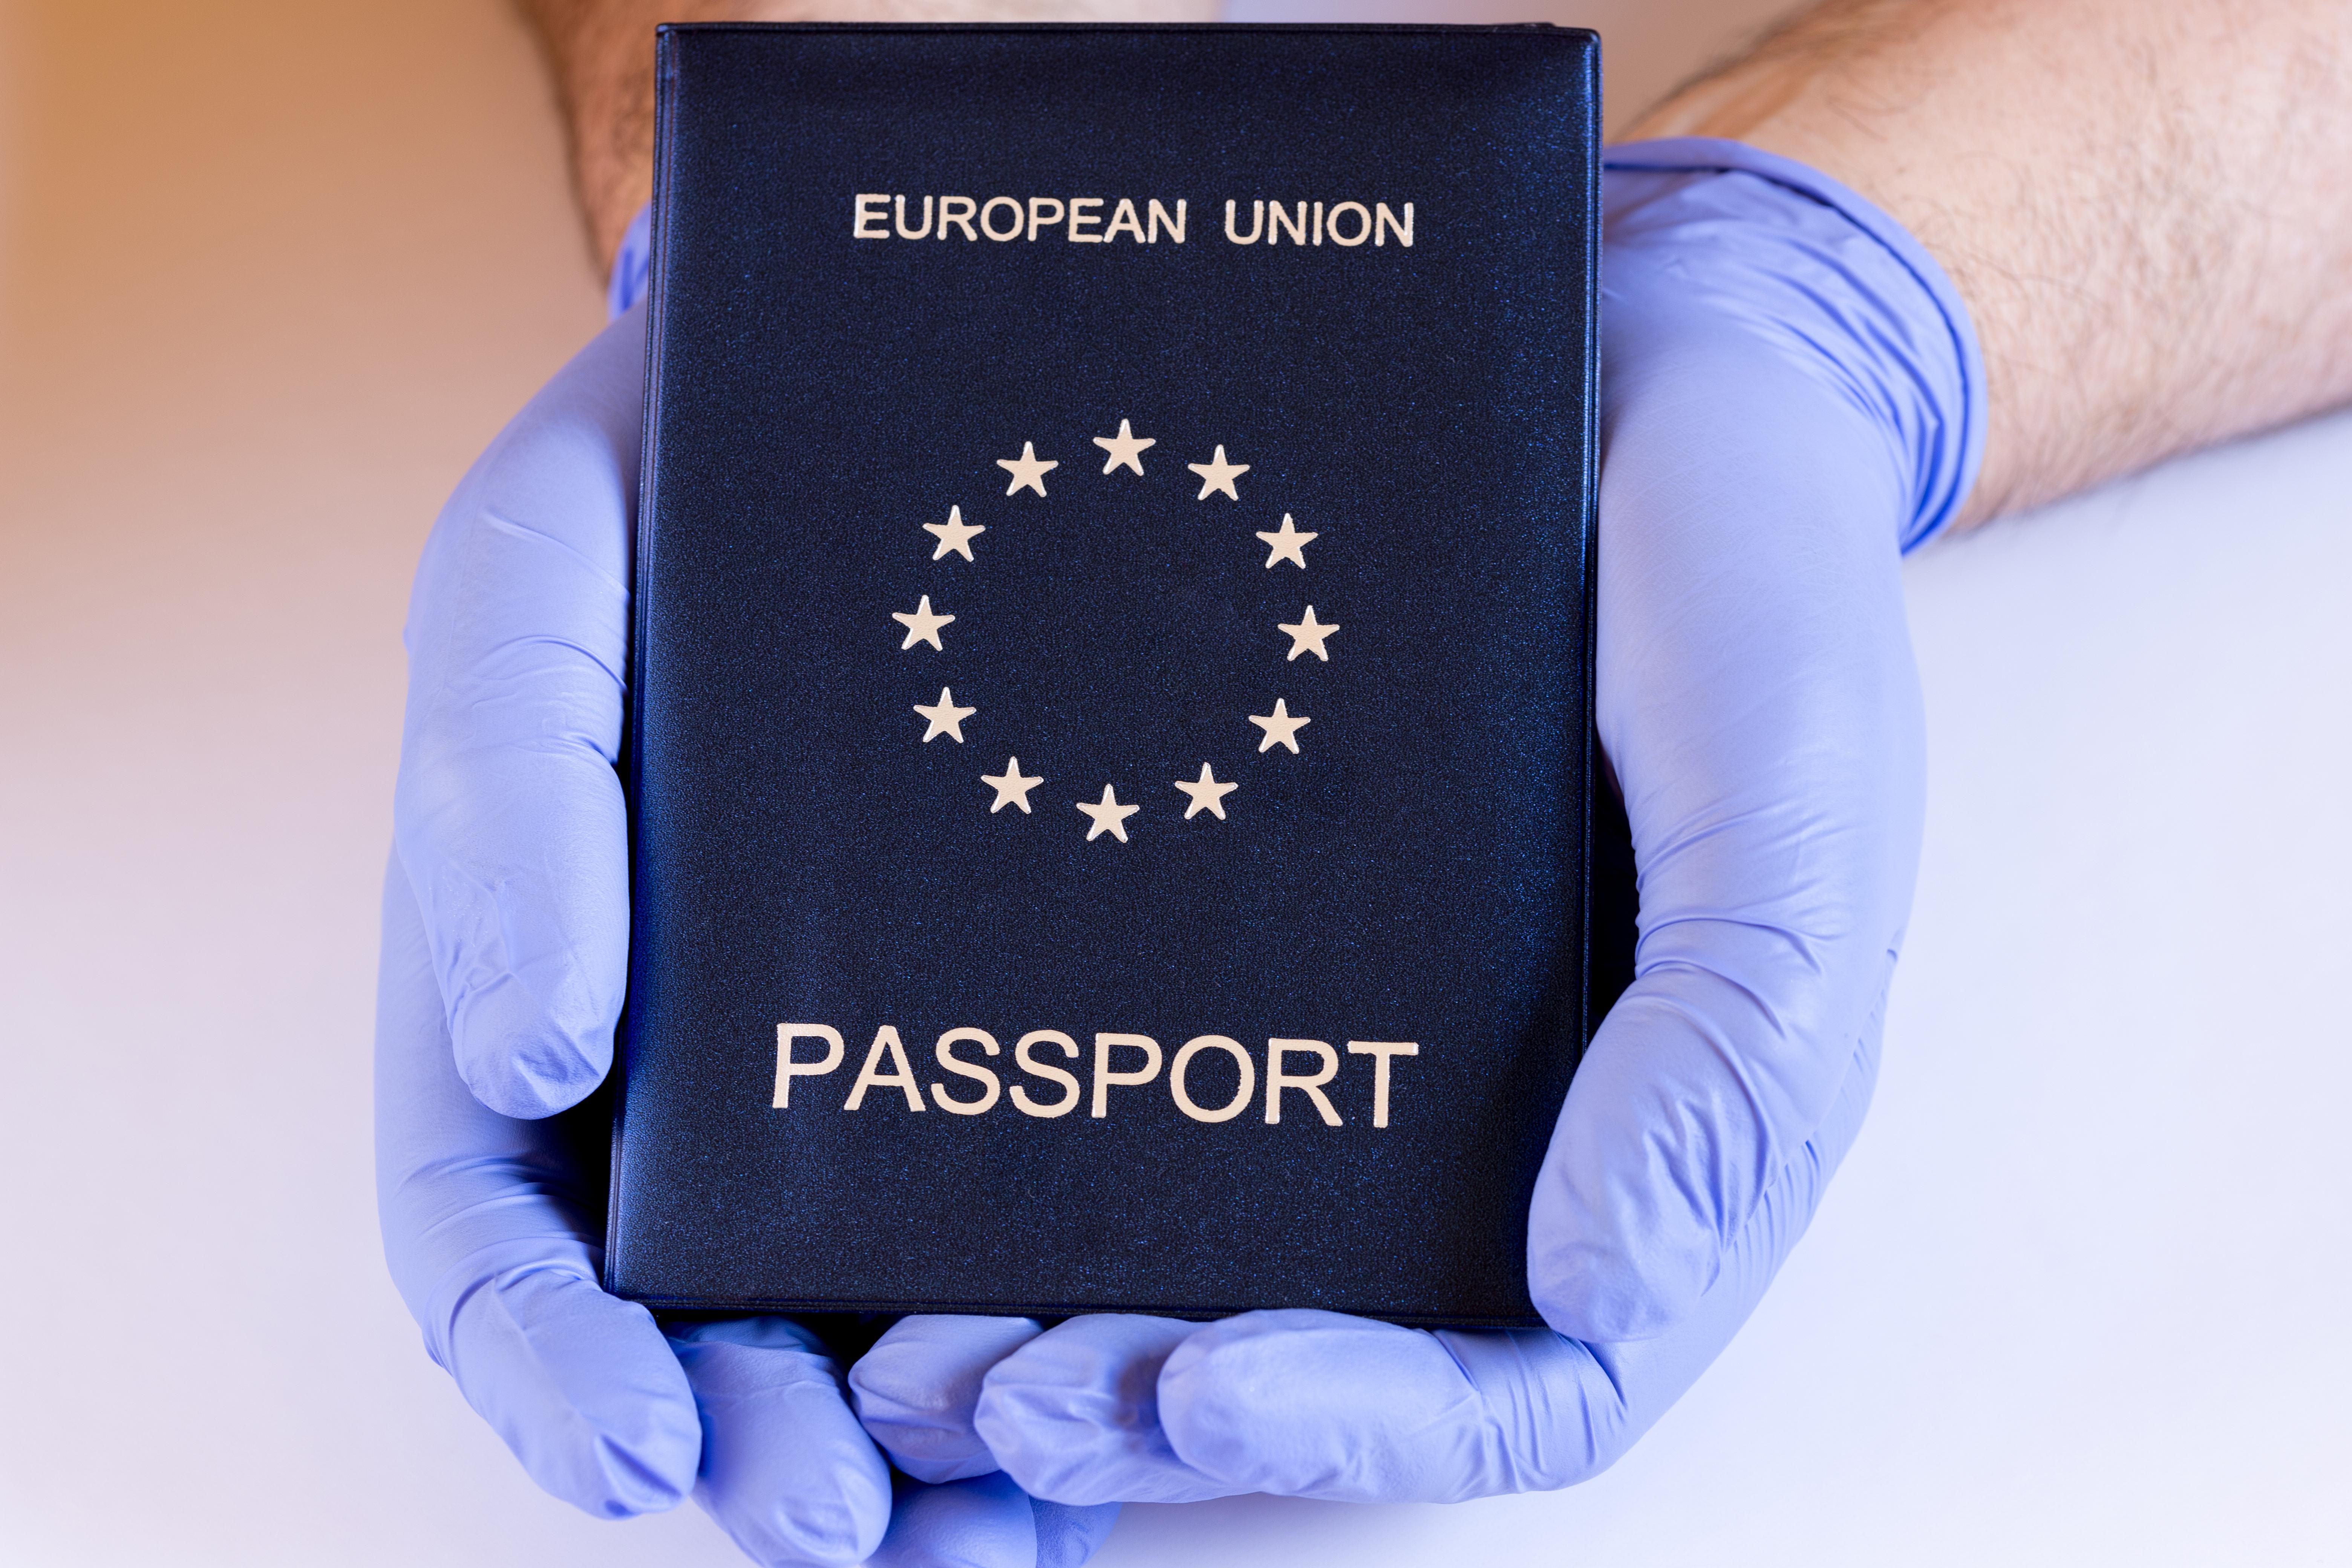 Паспорт ЕС, который иностранцы могут получить по натурализации